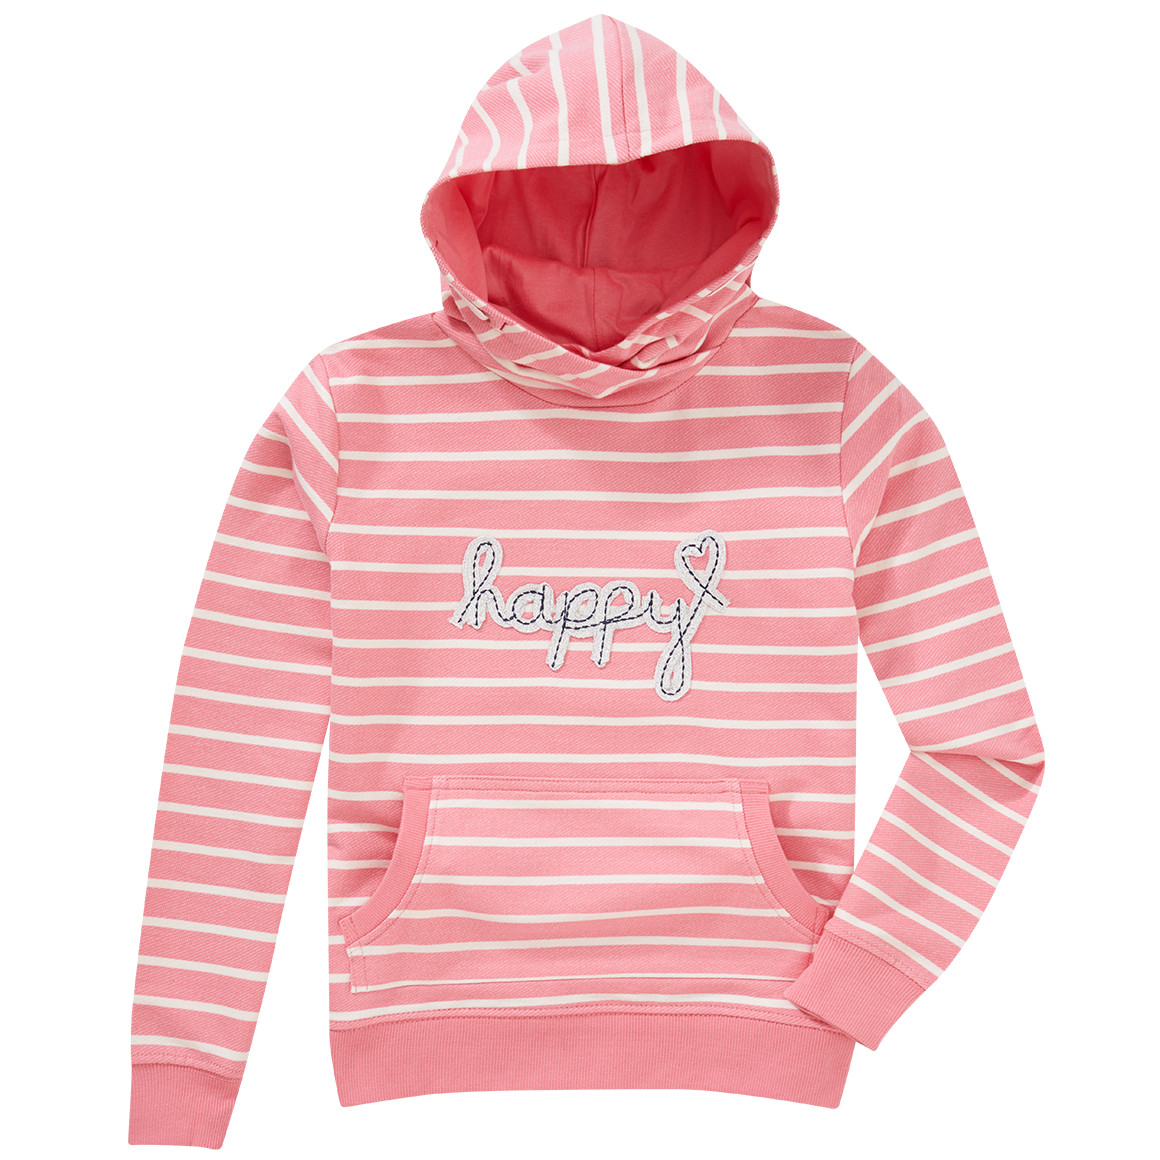 Girlsoberteile - Mädchen Sweatshirt mit Glitzer Schriftzug - Onlineshop Ernstings family